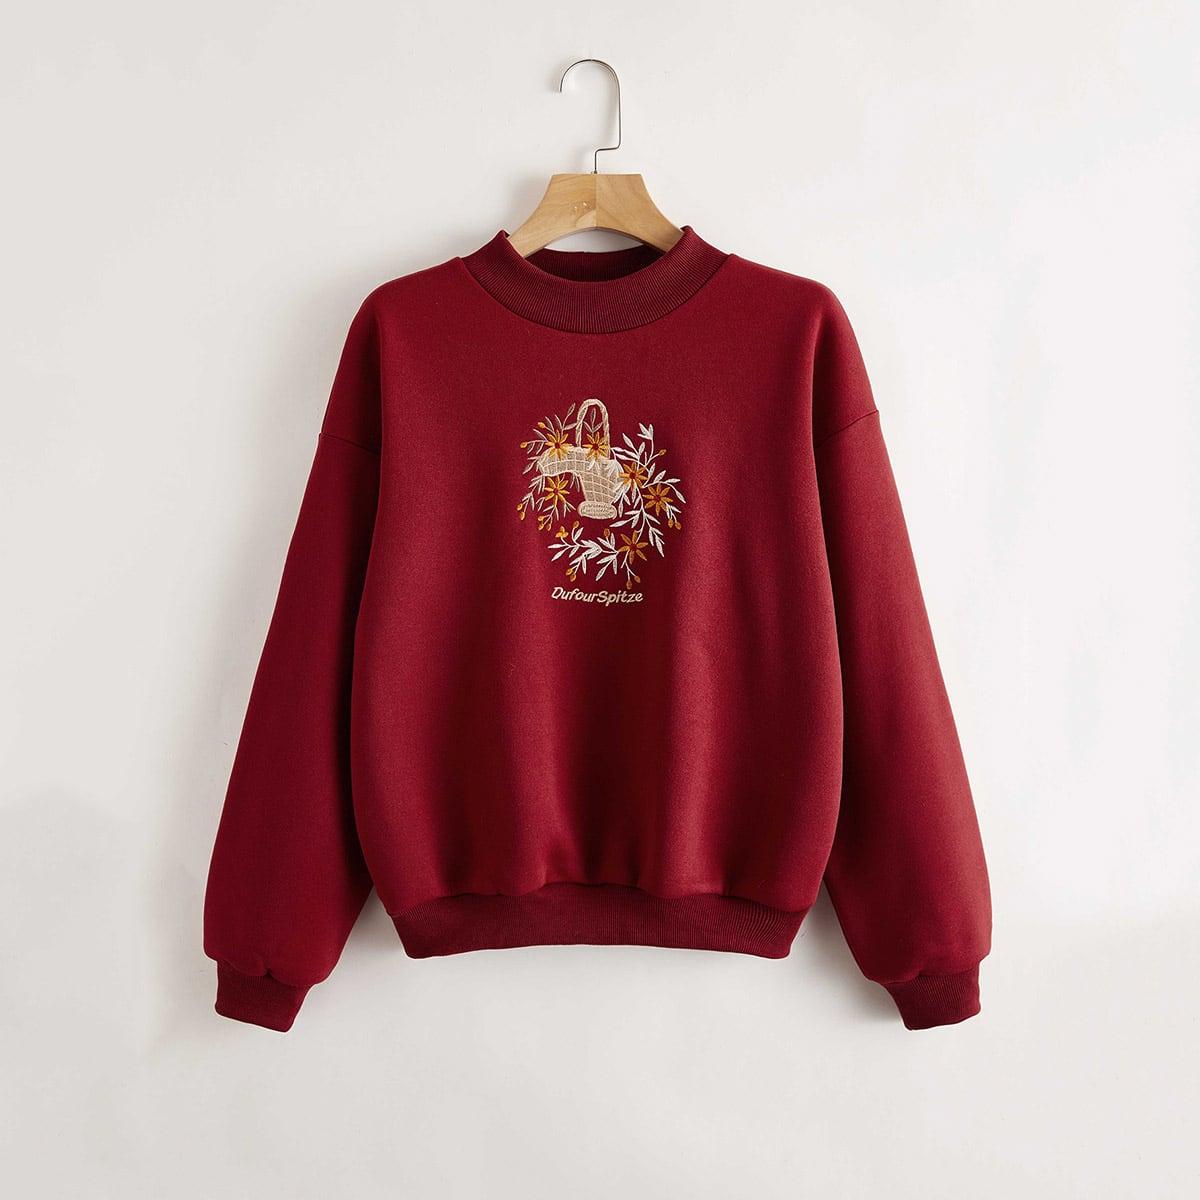 Пуловер с текстовой и цветочной вышивкой